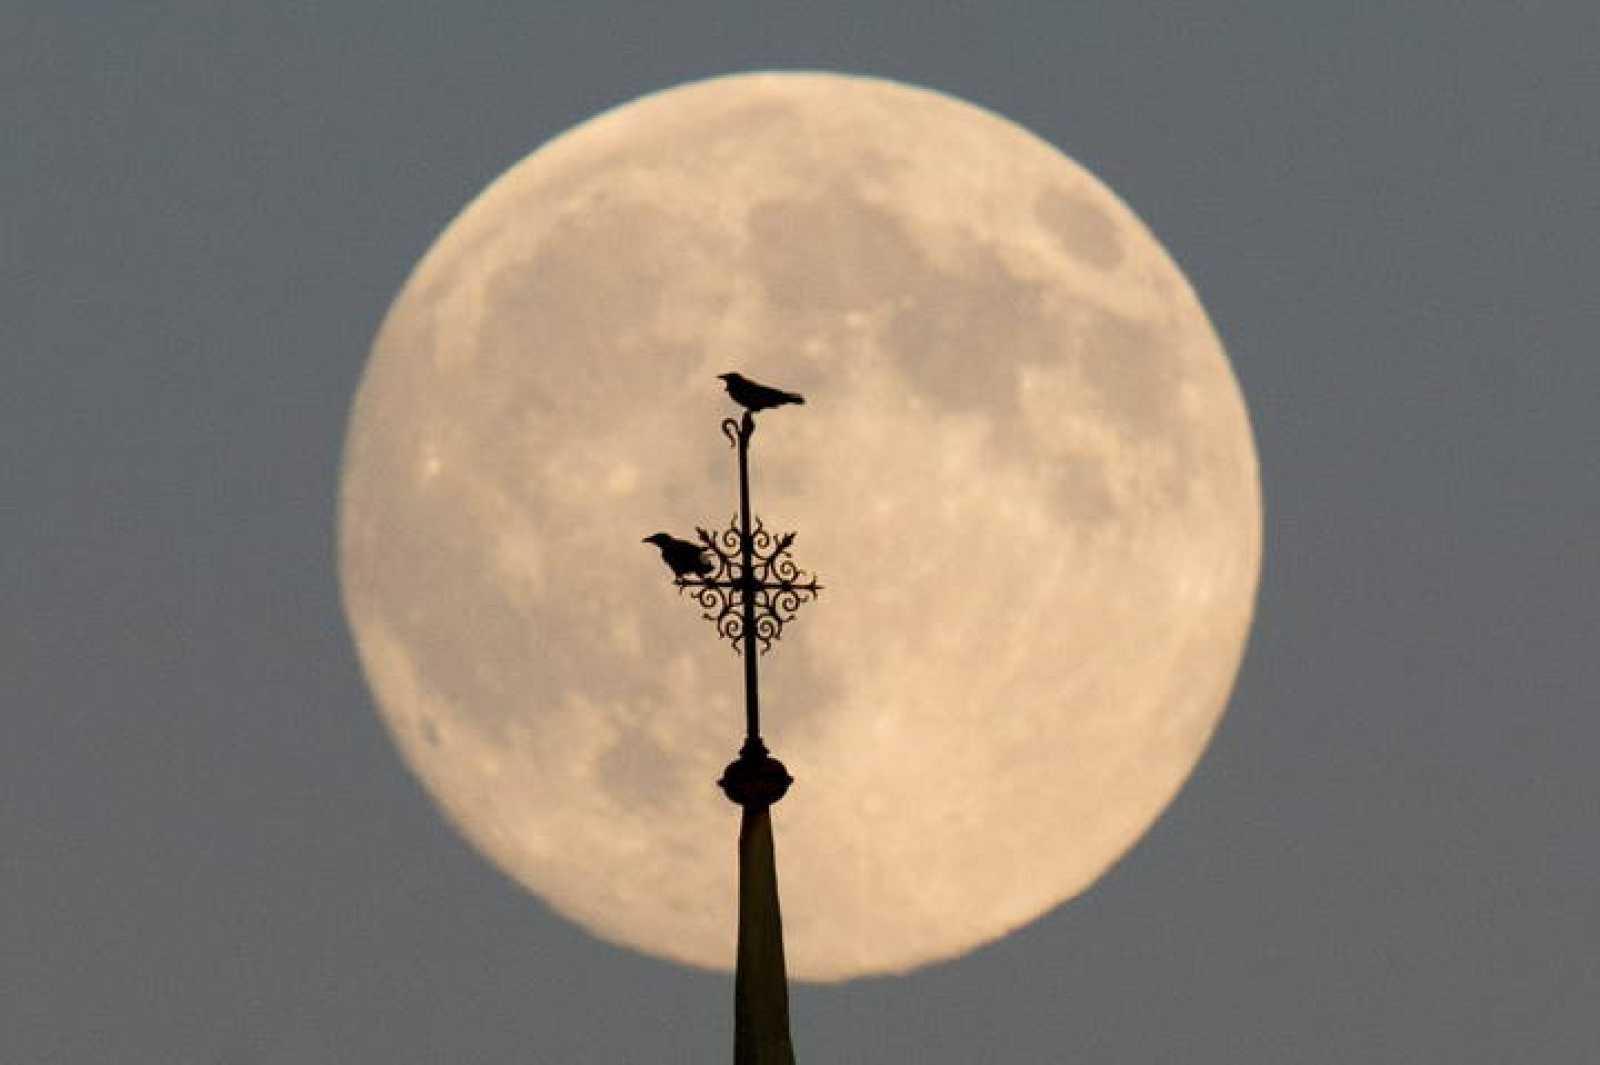 La luna llena vista sobre el cielo de Berlín, Alemania.